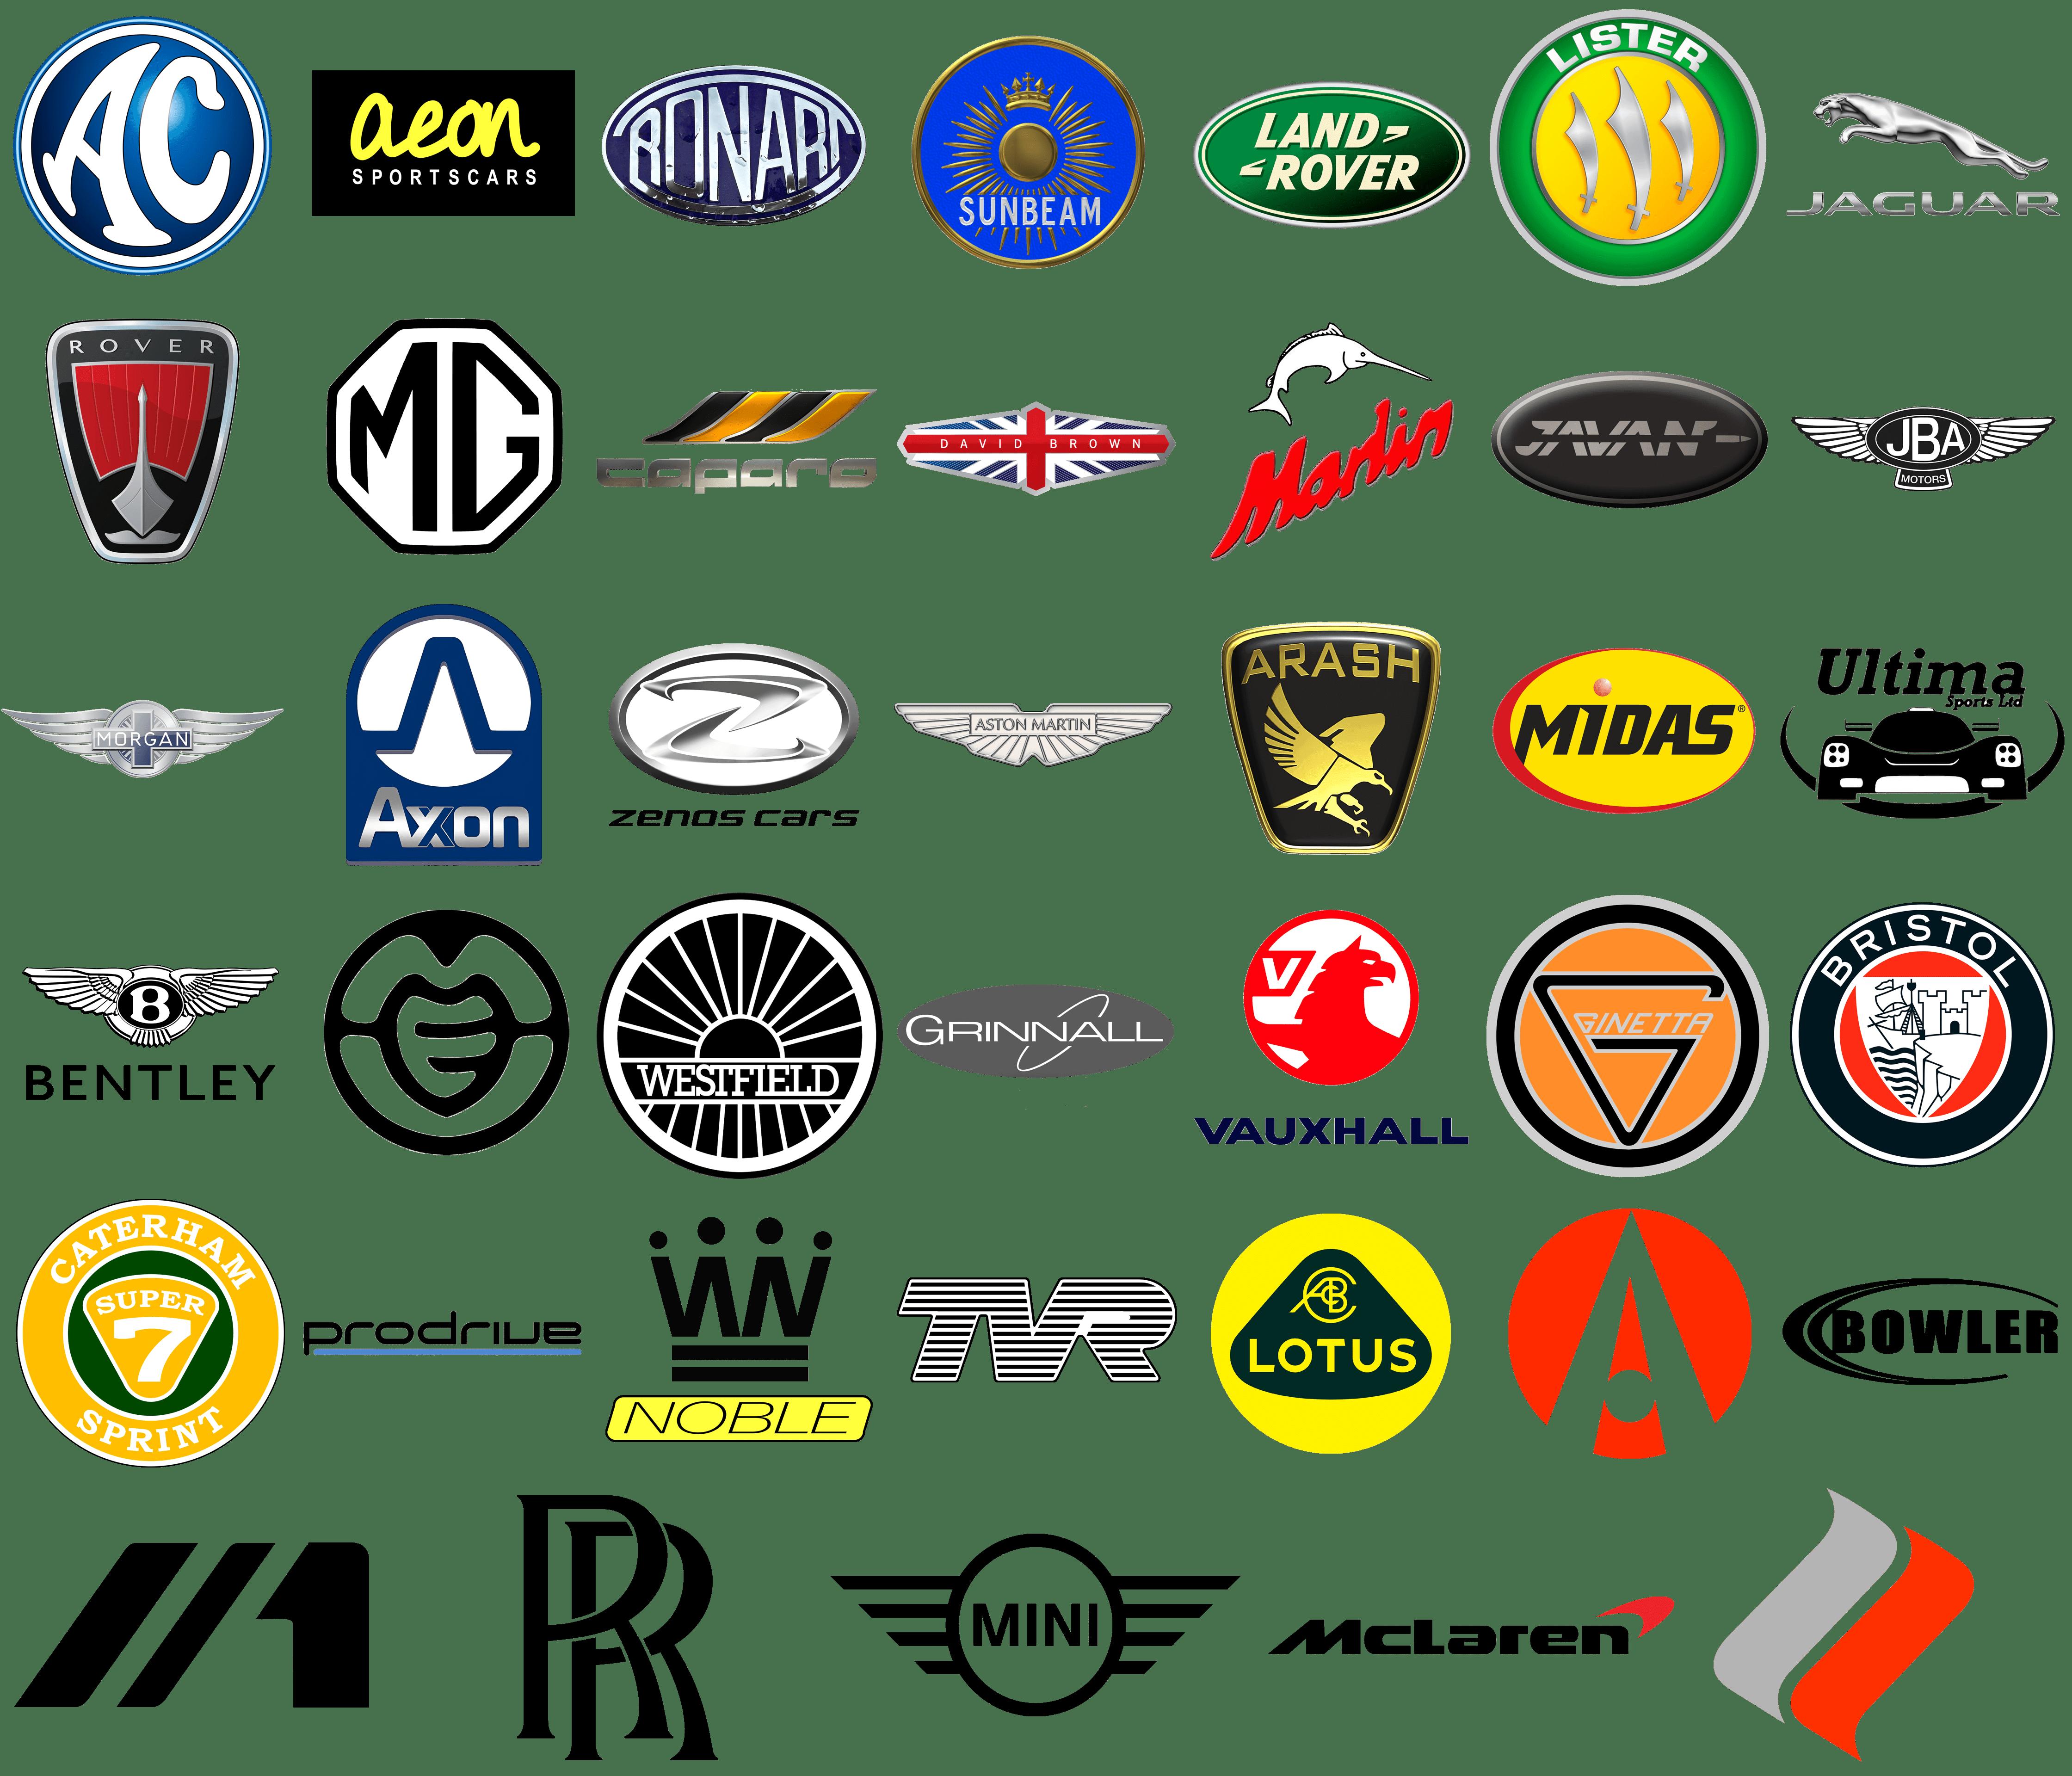 Assez Marques de voiture Angleterre | Les marques de voitures UG15